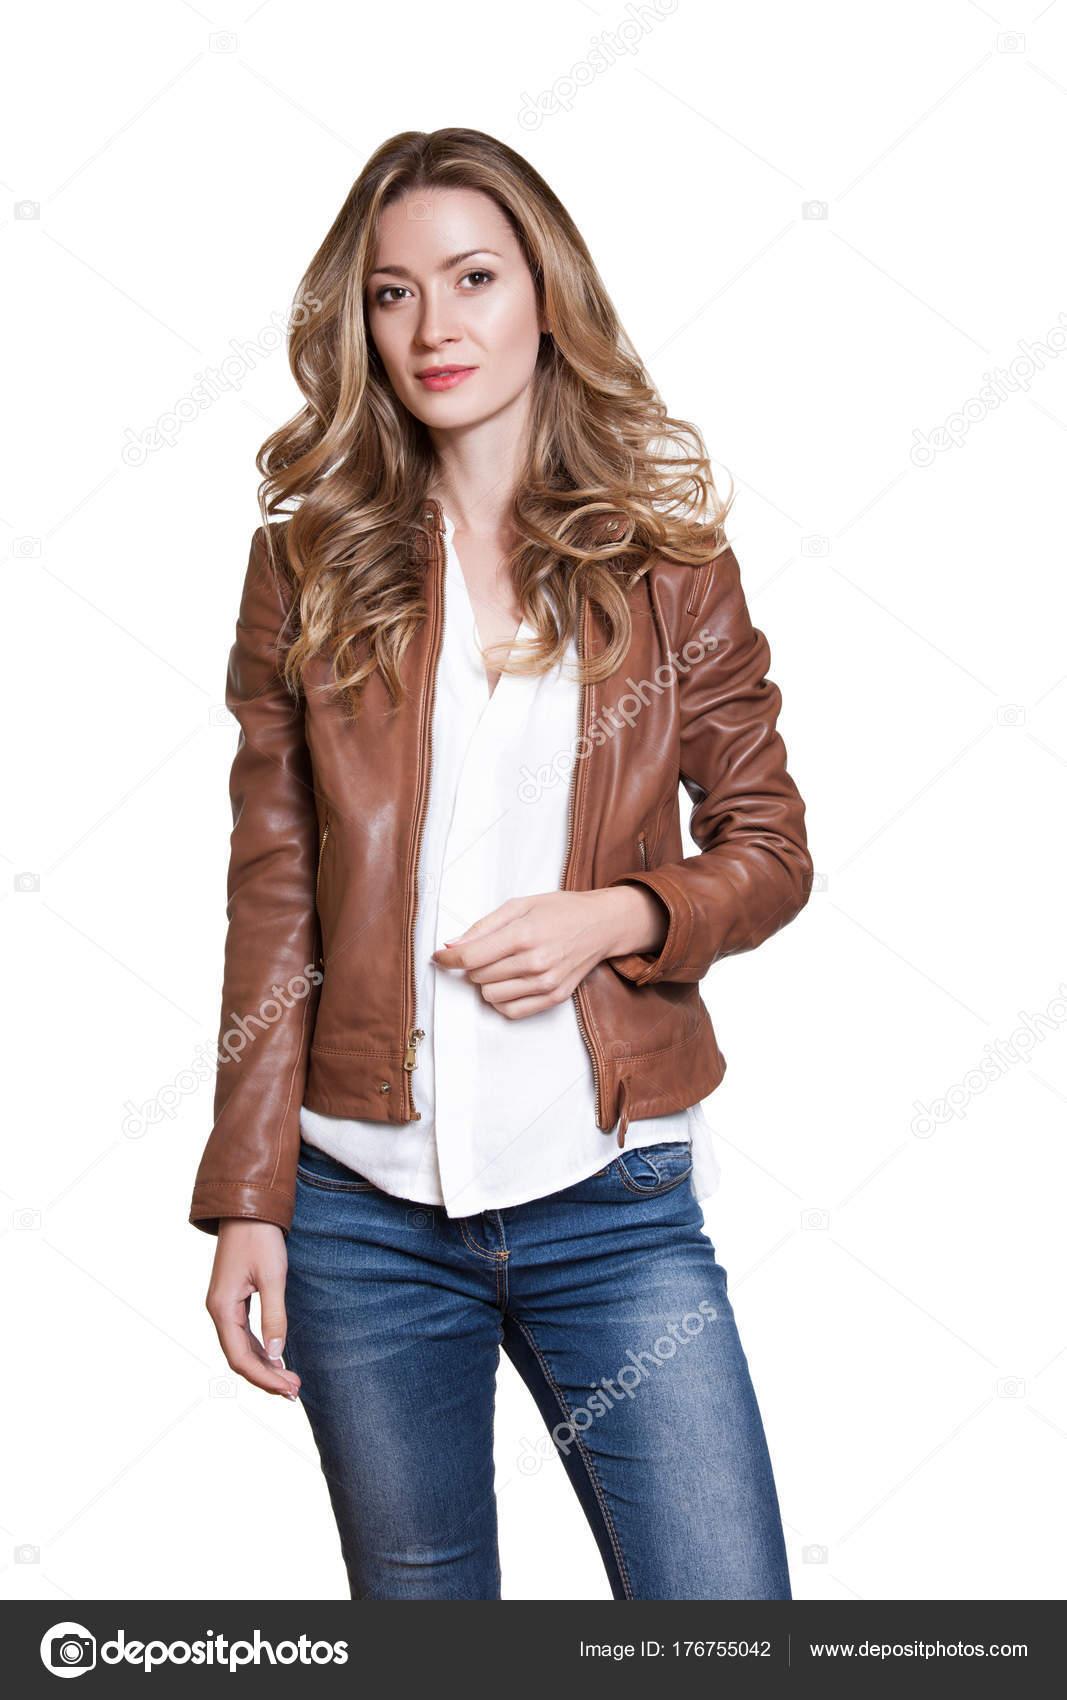 cf2d25e4598b1 Estudio de moda foto de modelo de belleza moda mujer con chaqueta de cuero  marrón